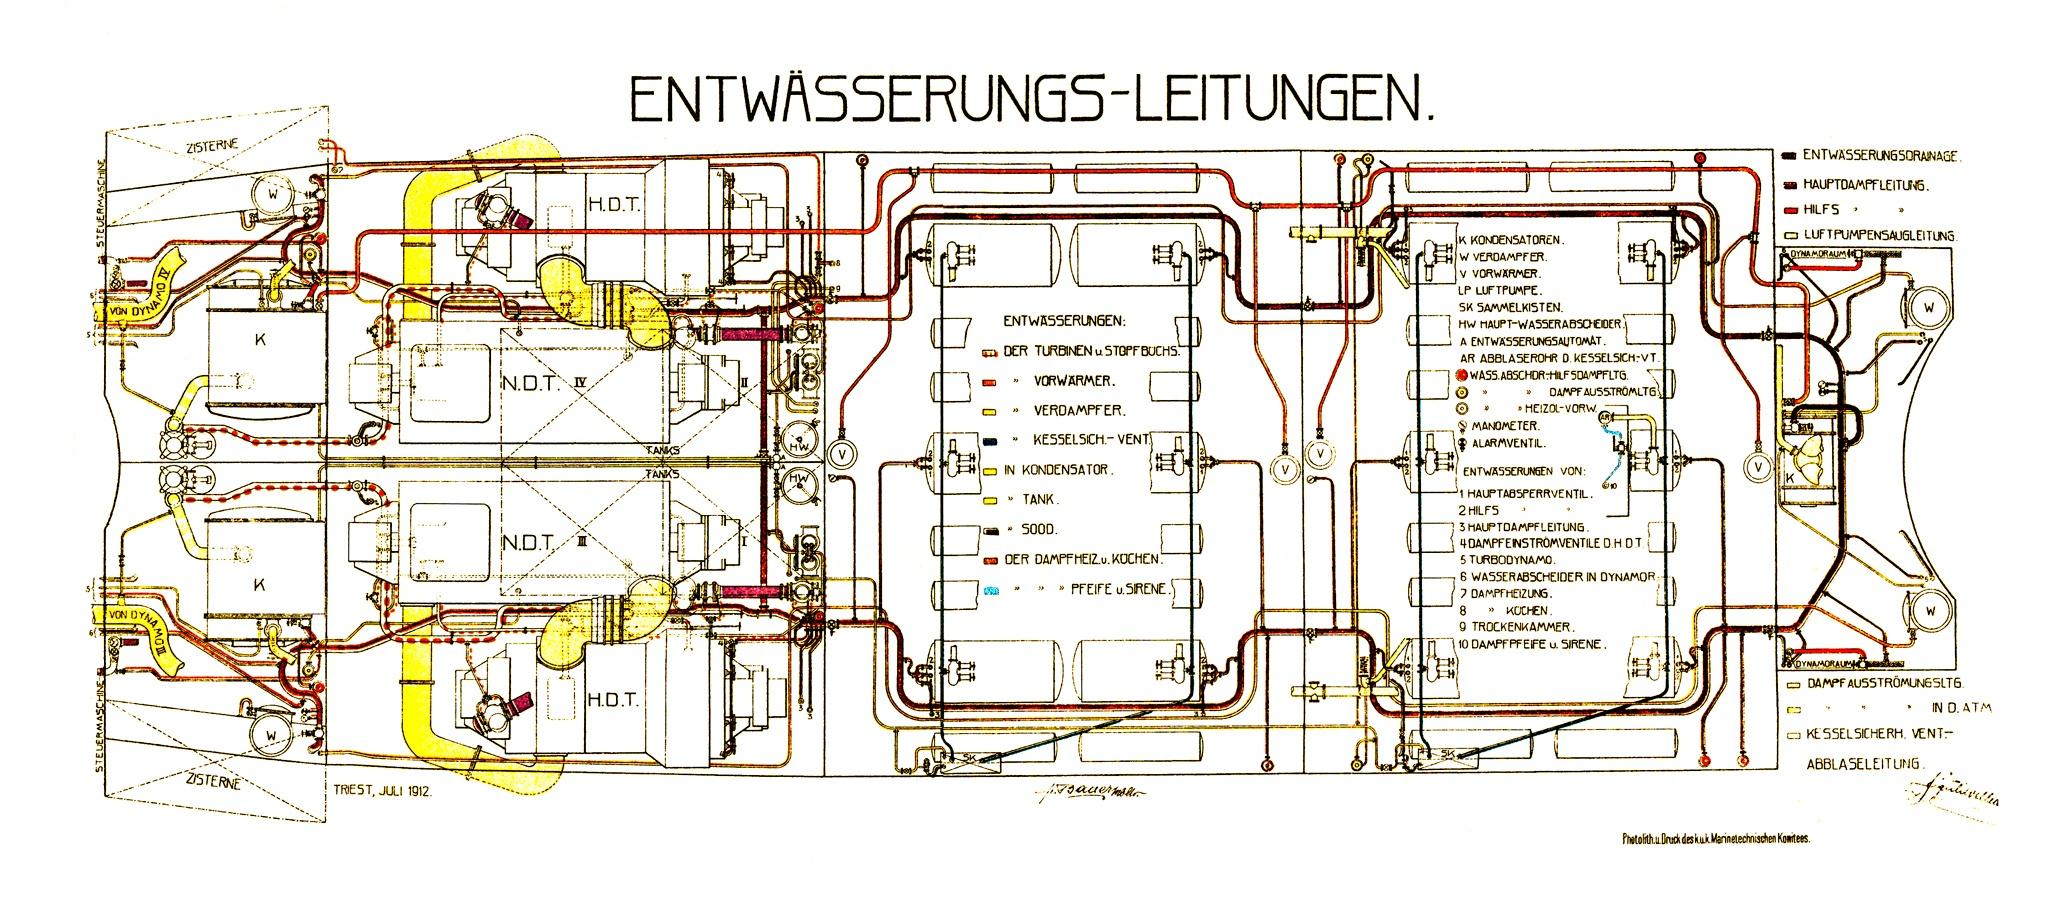 https://0901.nccdn.net/4_2/000/000/06b/a1b/Viribus_Entw--sserung-2048x916.jpg